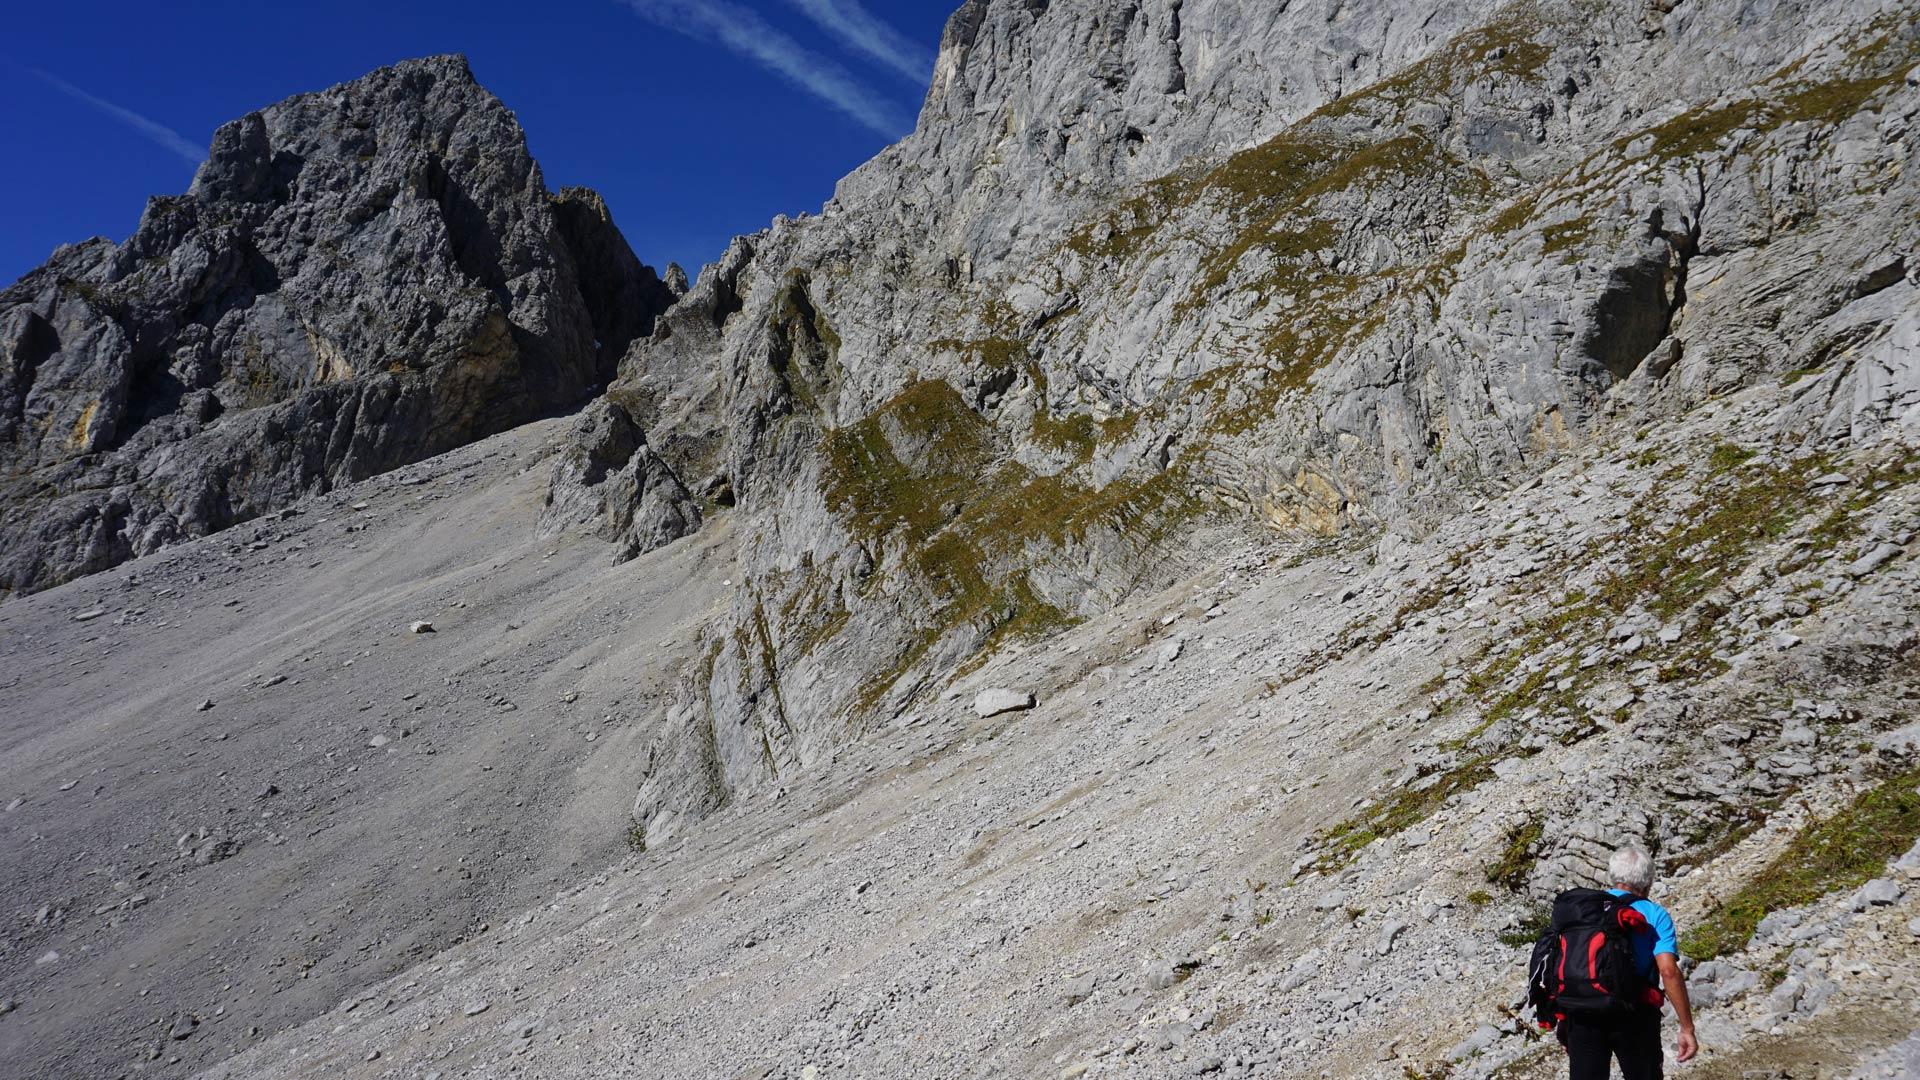 Klettersteig Ellmauer Halt : Klettersteig ellmauer halt von der wochenbrunner alm